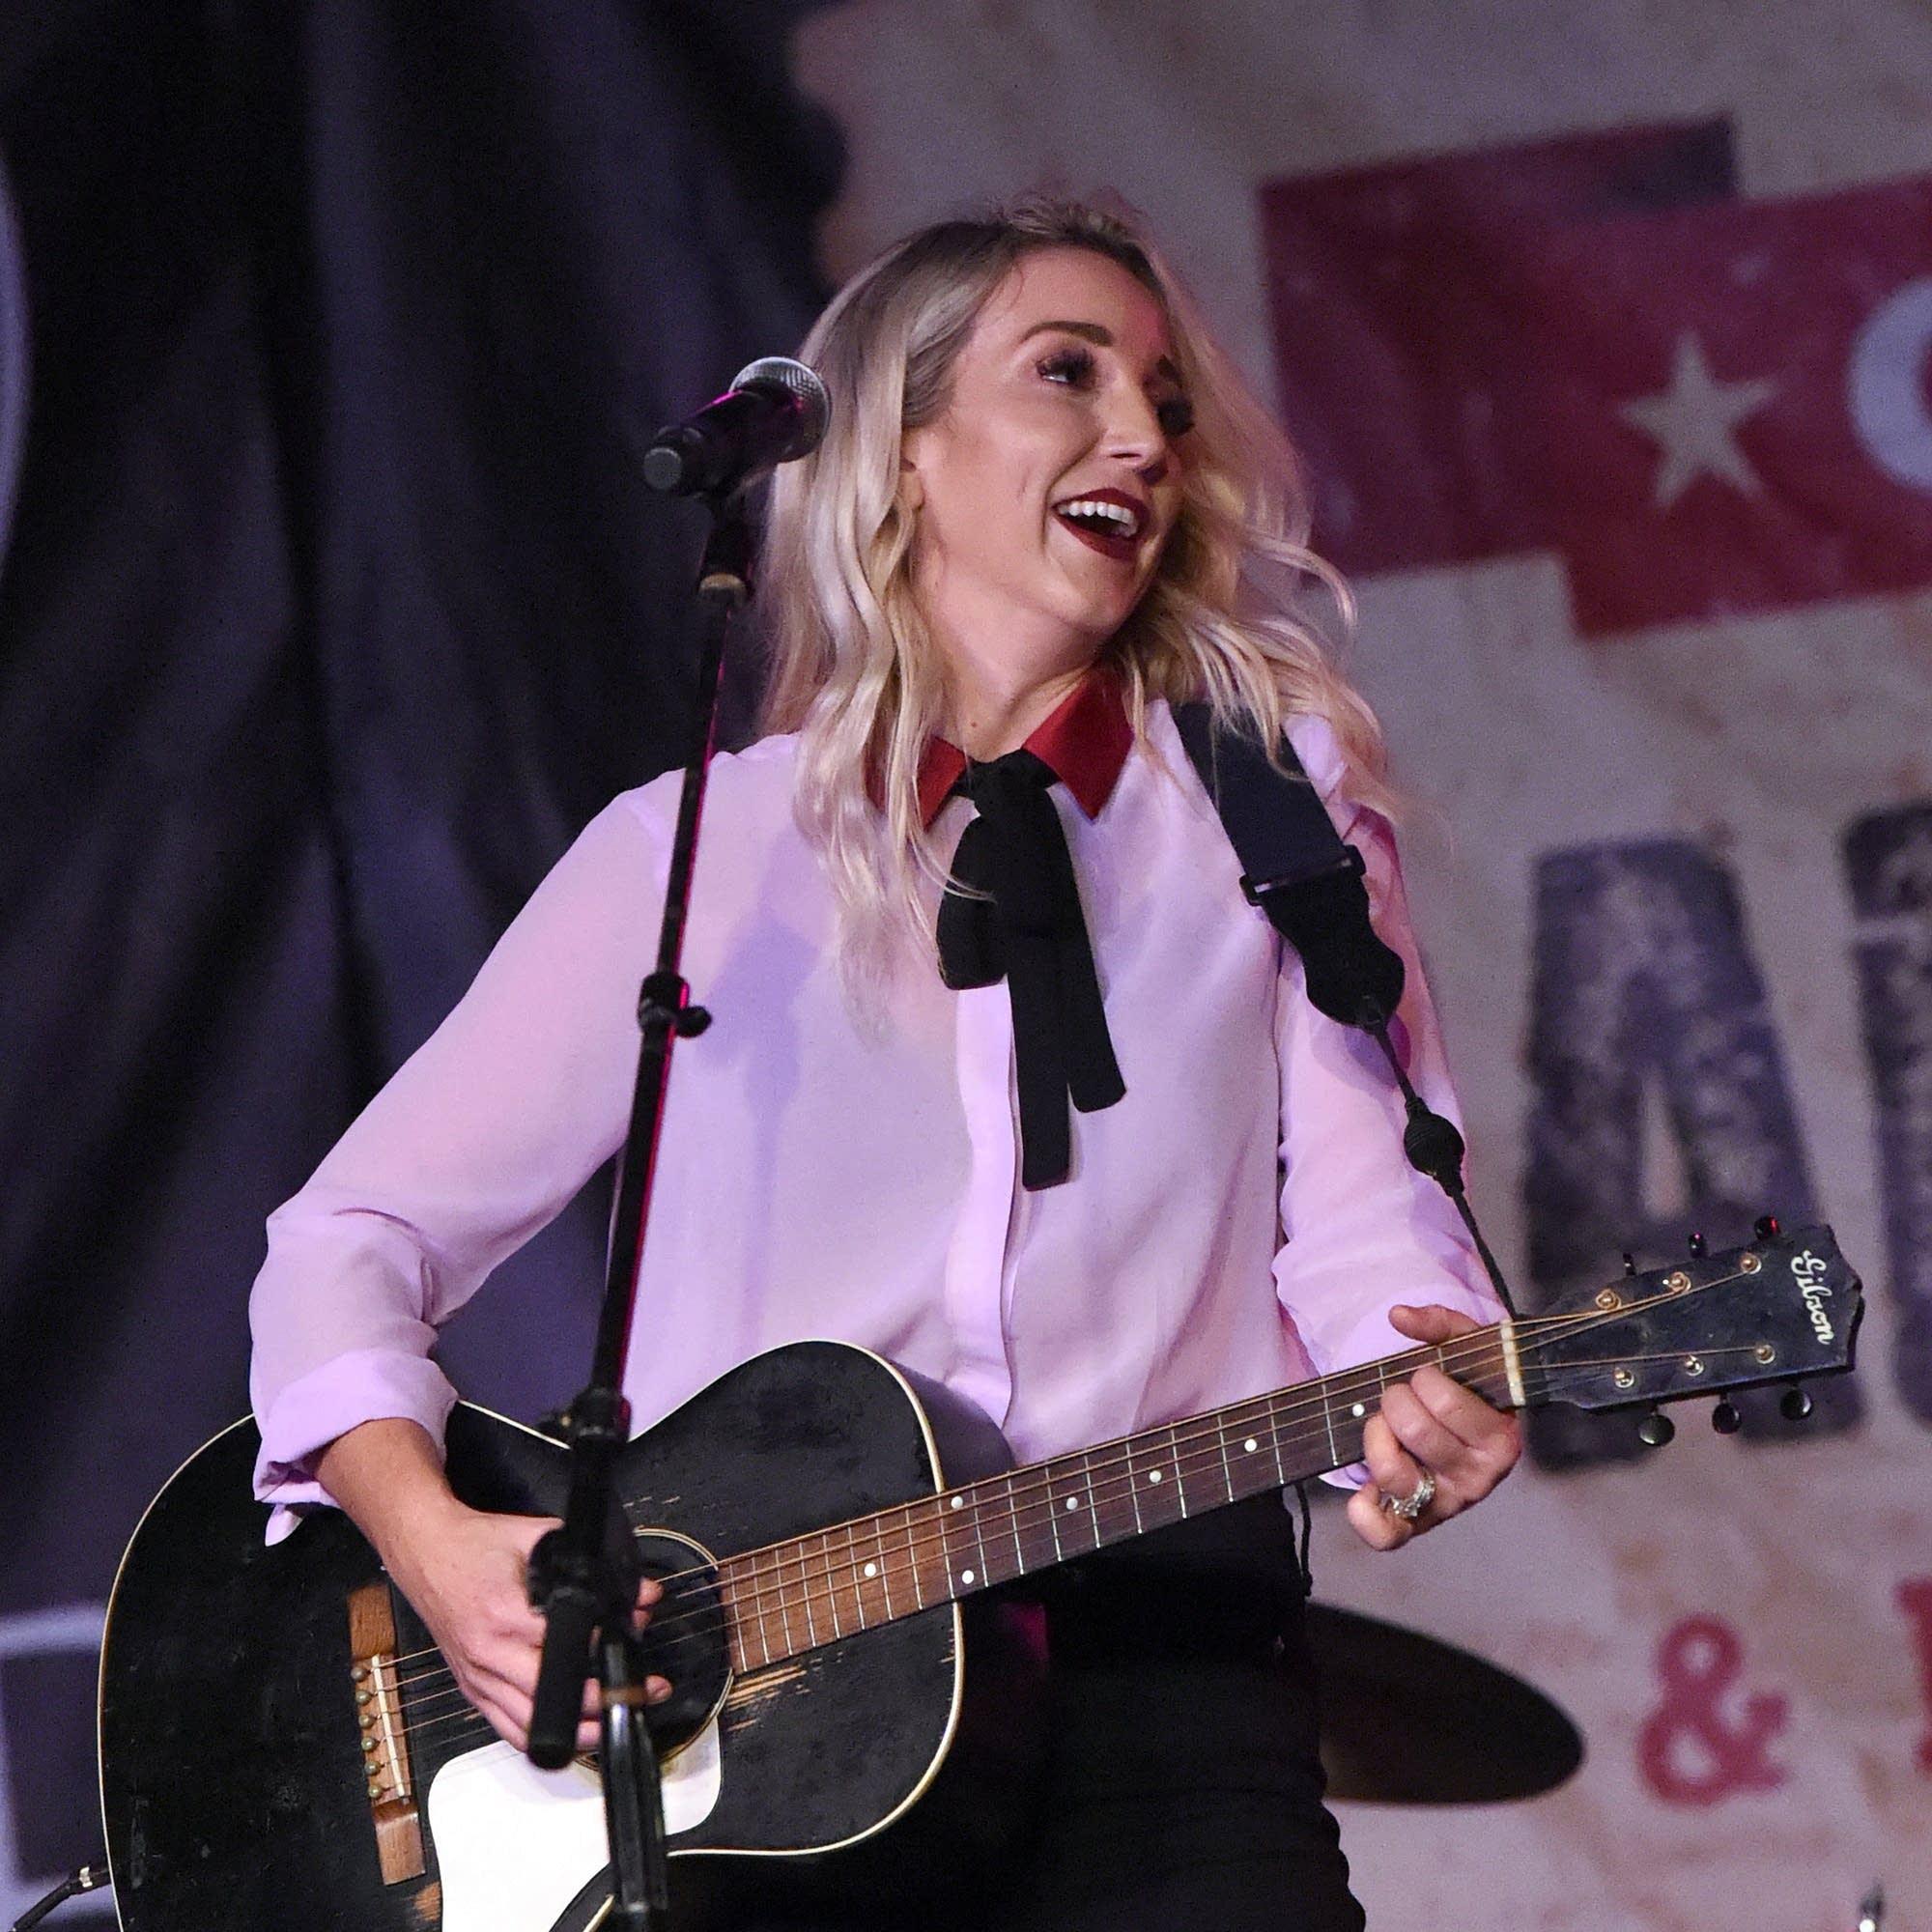 Ashley Monroe performing